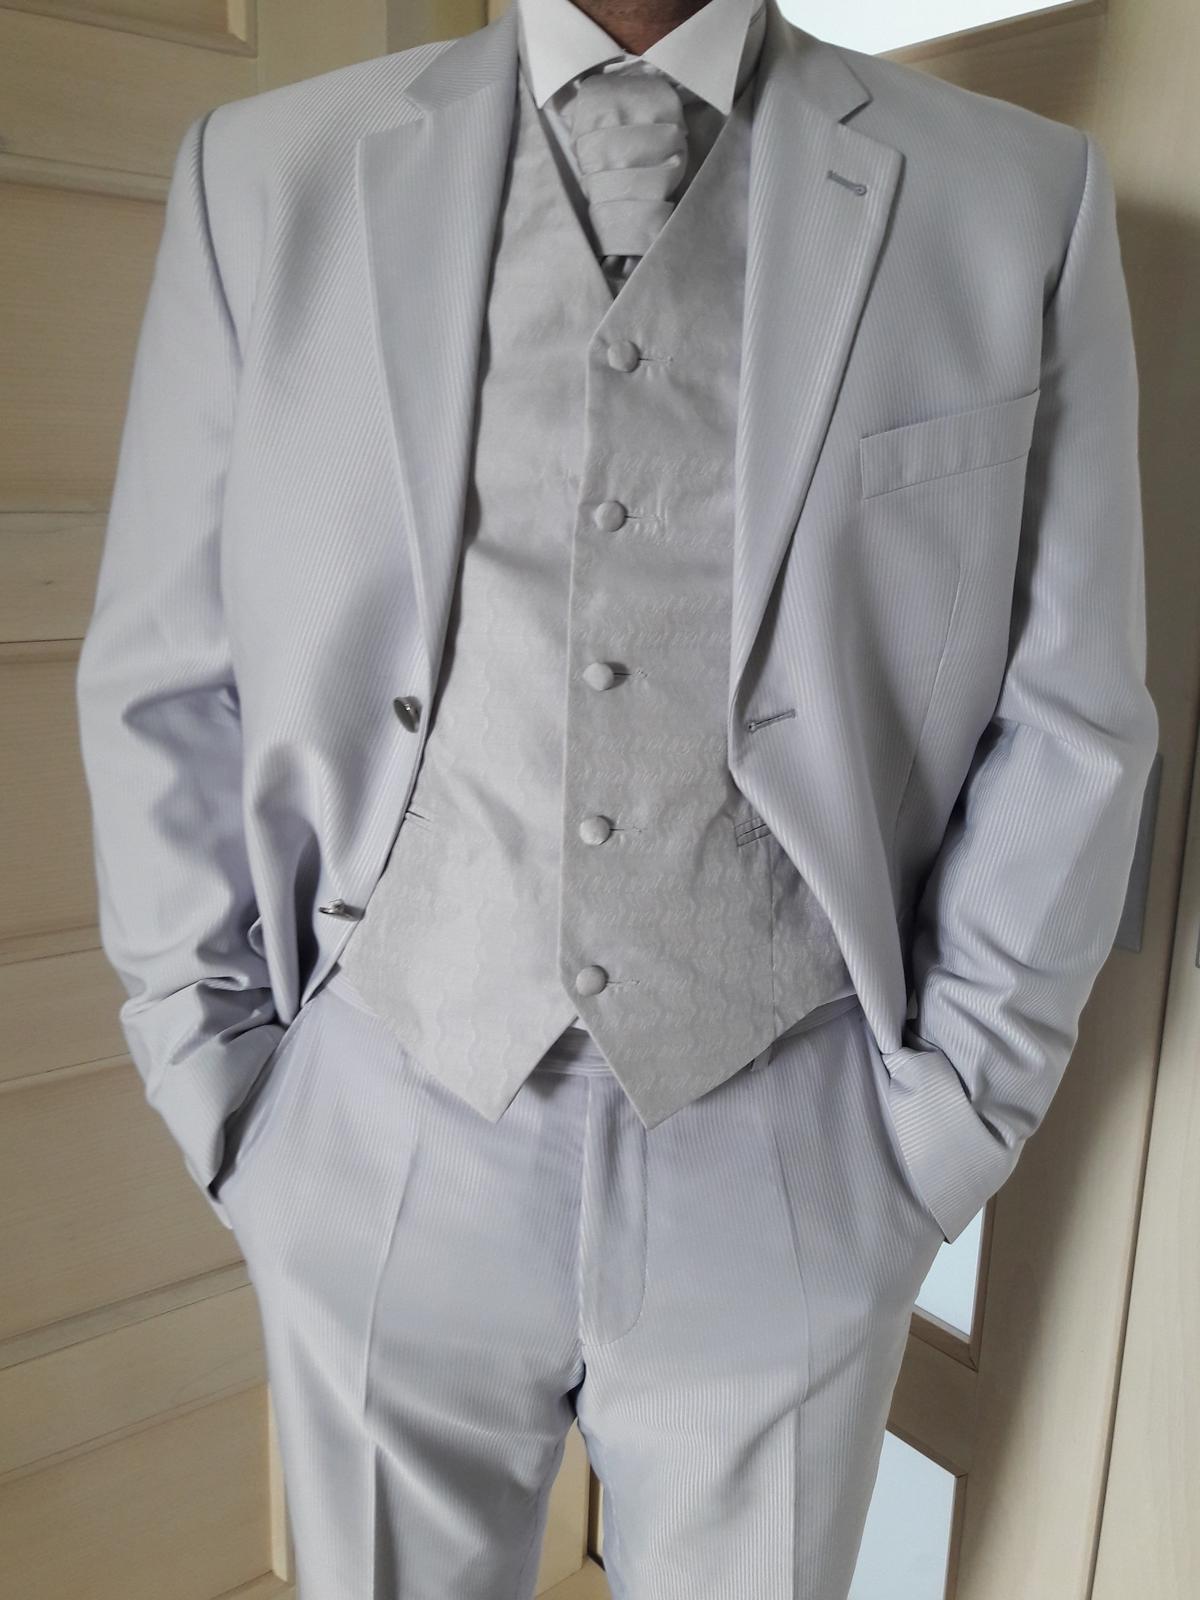 Oblek pre ženícha (svadobný oblek) - Obrázok č. 1